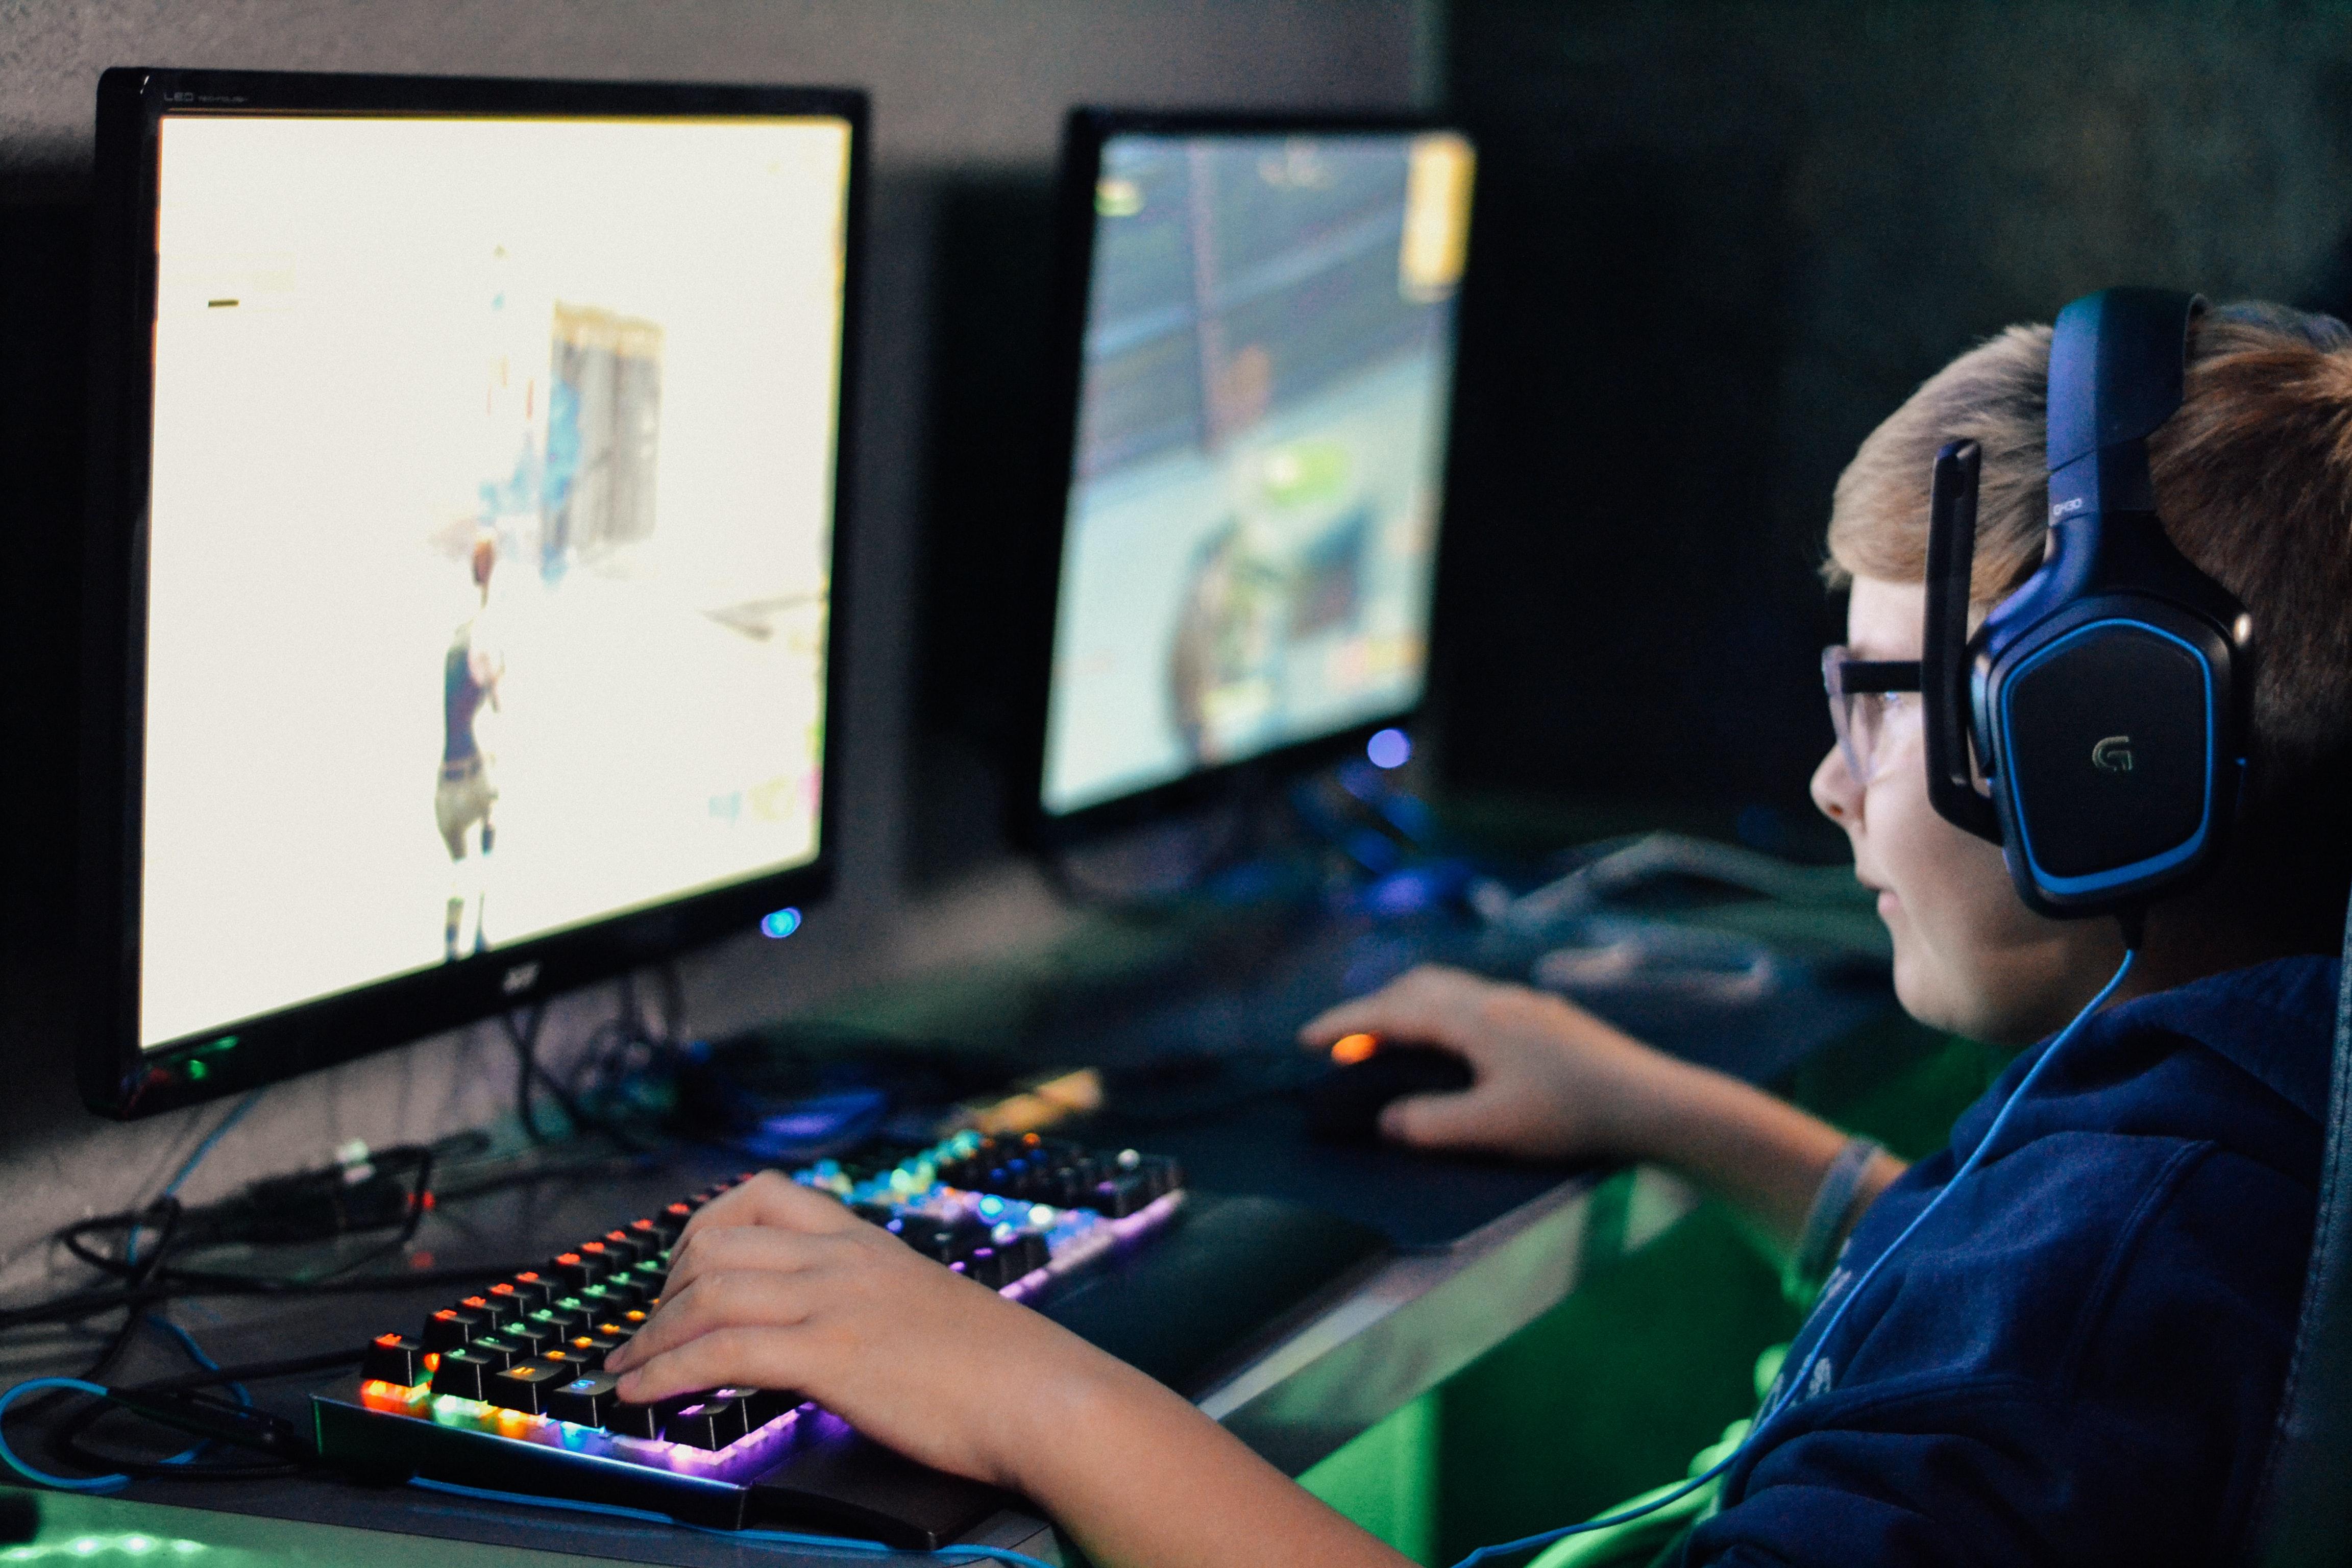 「フォートナイトに集合して毎日おしゃべりしながらゲームをする小学生」から見えてくる世界は「常時接続」であり、「イヤホンの常時着用→AR→VR」であり、「課金によるコンテンツ+α」の文化をスタンダードとする世代